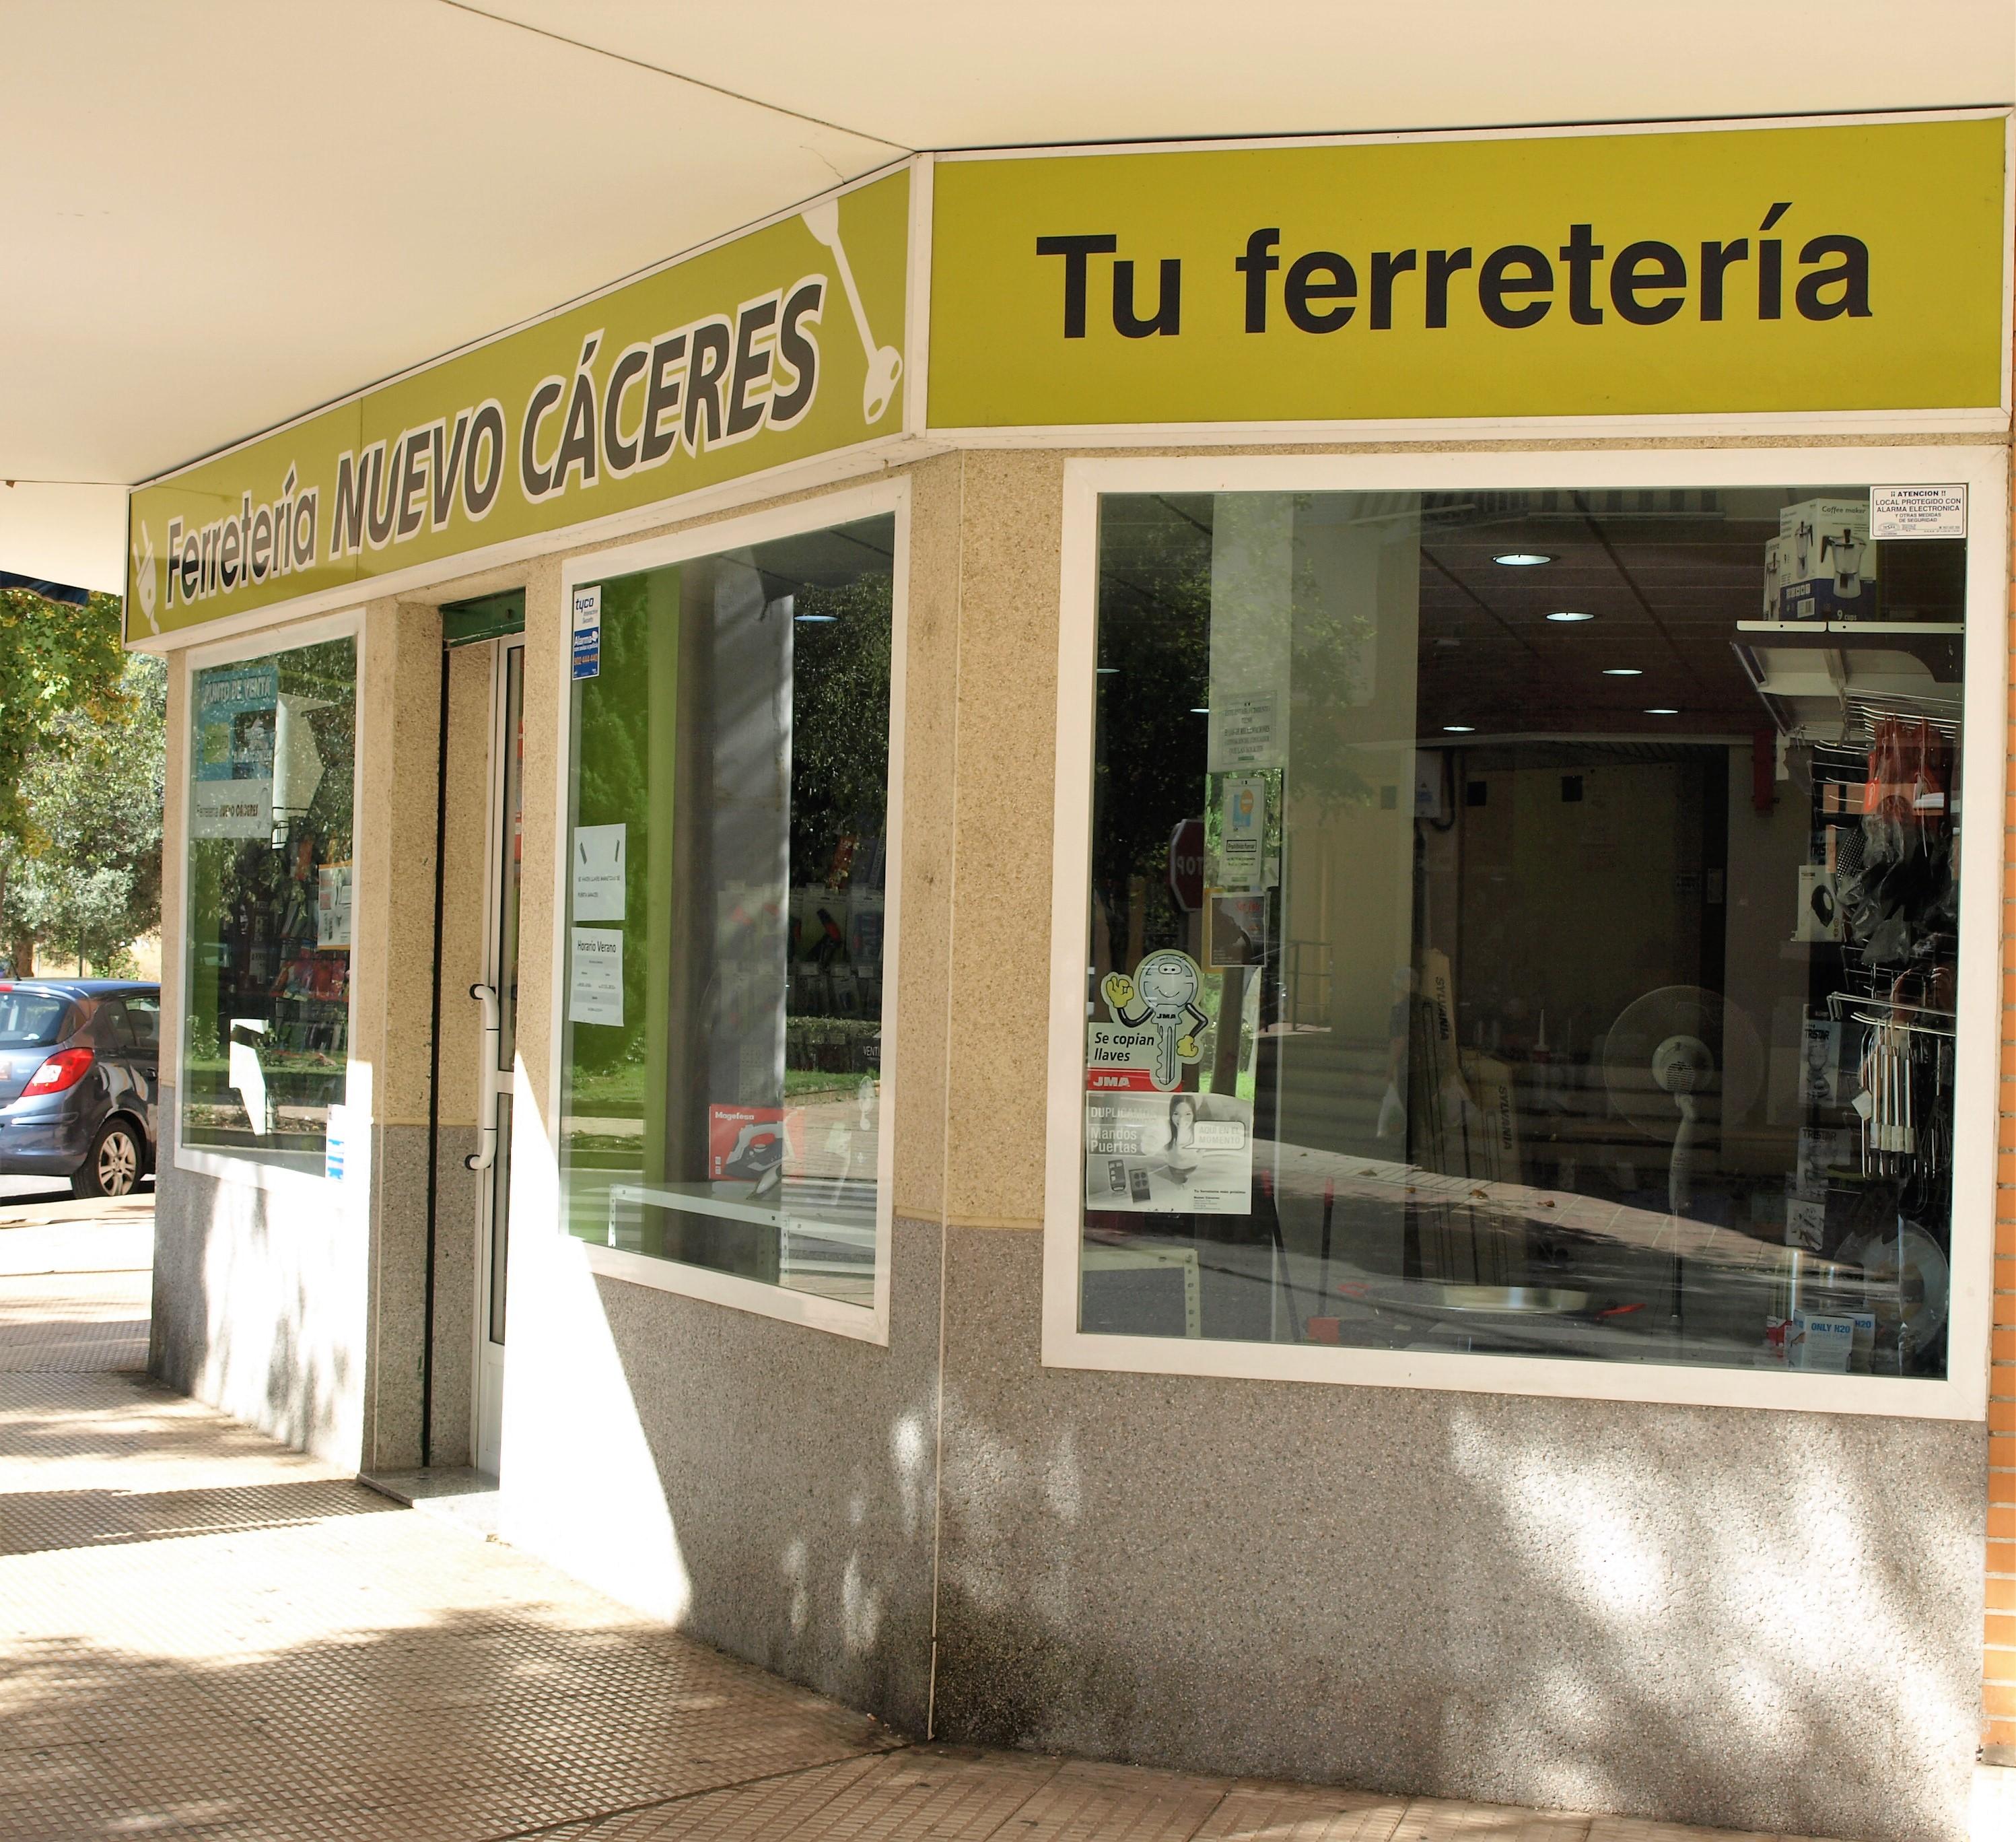 España Mantenimento comunidades Cáceres Ferreteria Nuevo caceres Iluminación